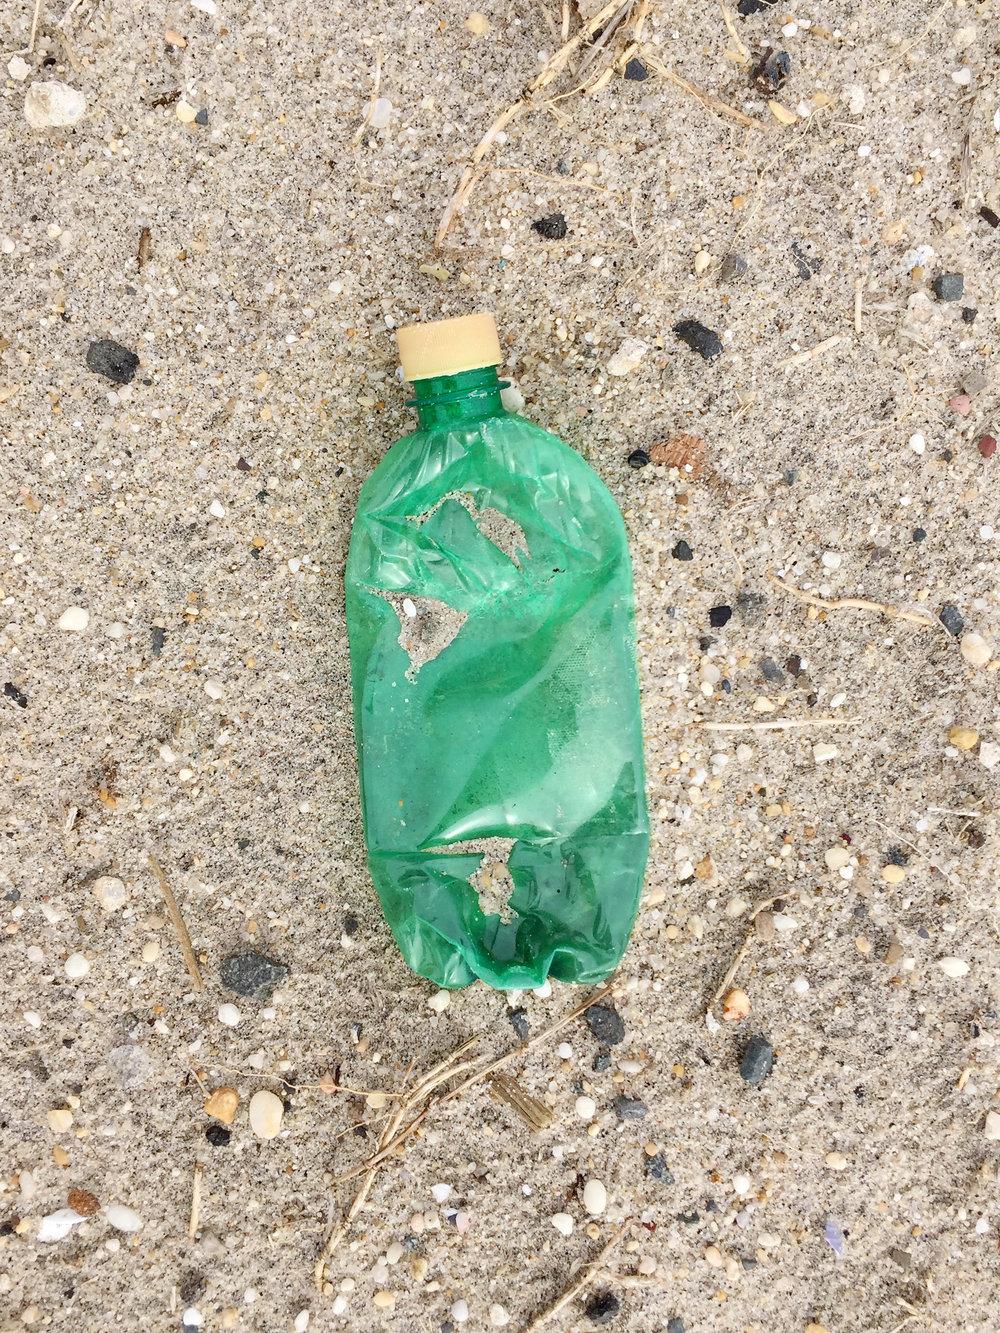 amy_chen_design_surfrider_asbury_park_new_jersey_beach_clean_plastic_bottle.JPG